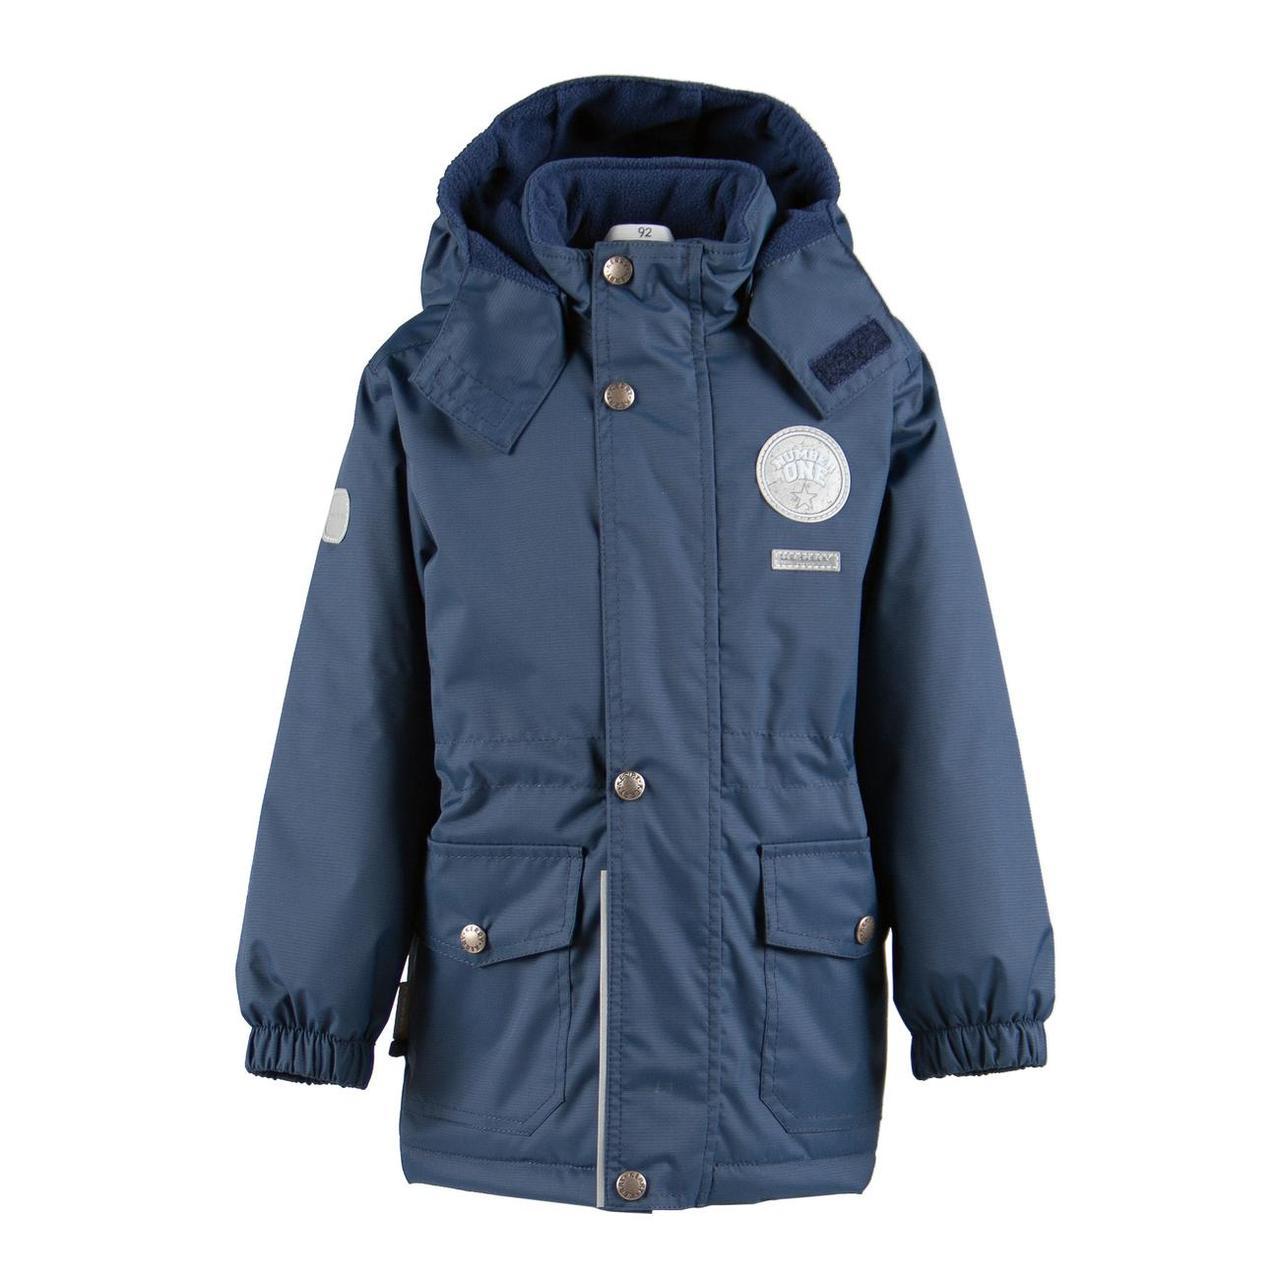 Kуртка для мальчиков Kerry OCEAN